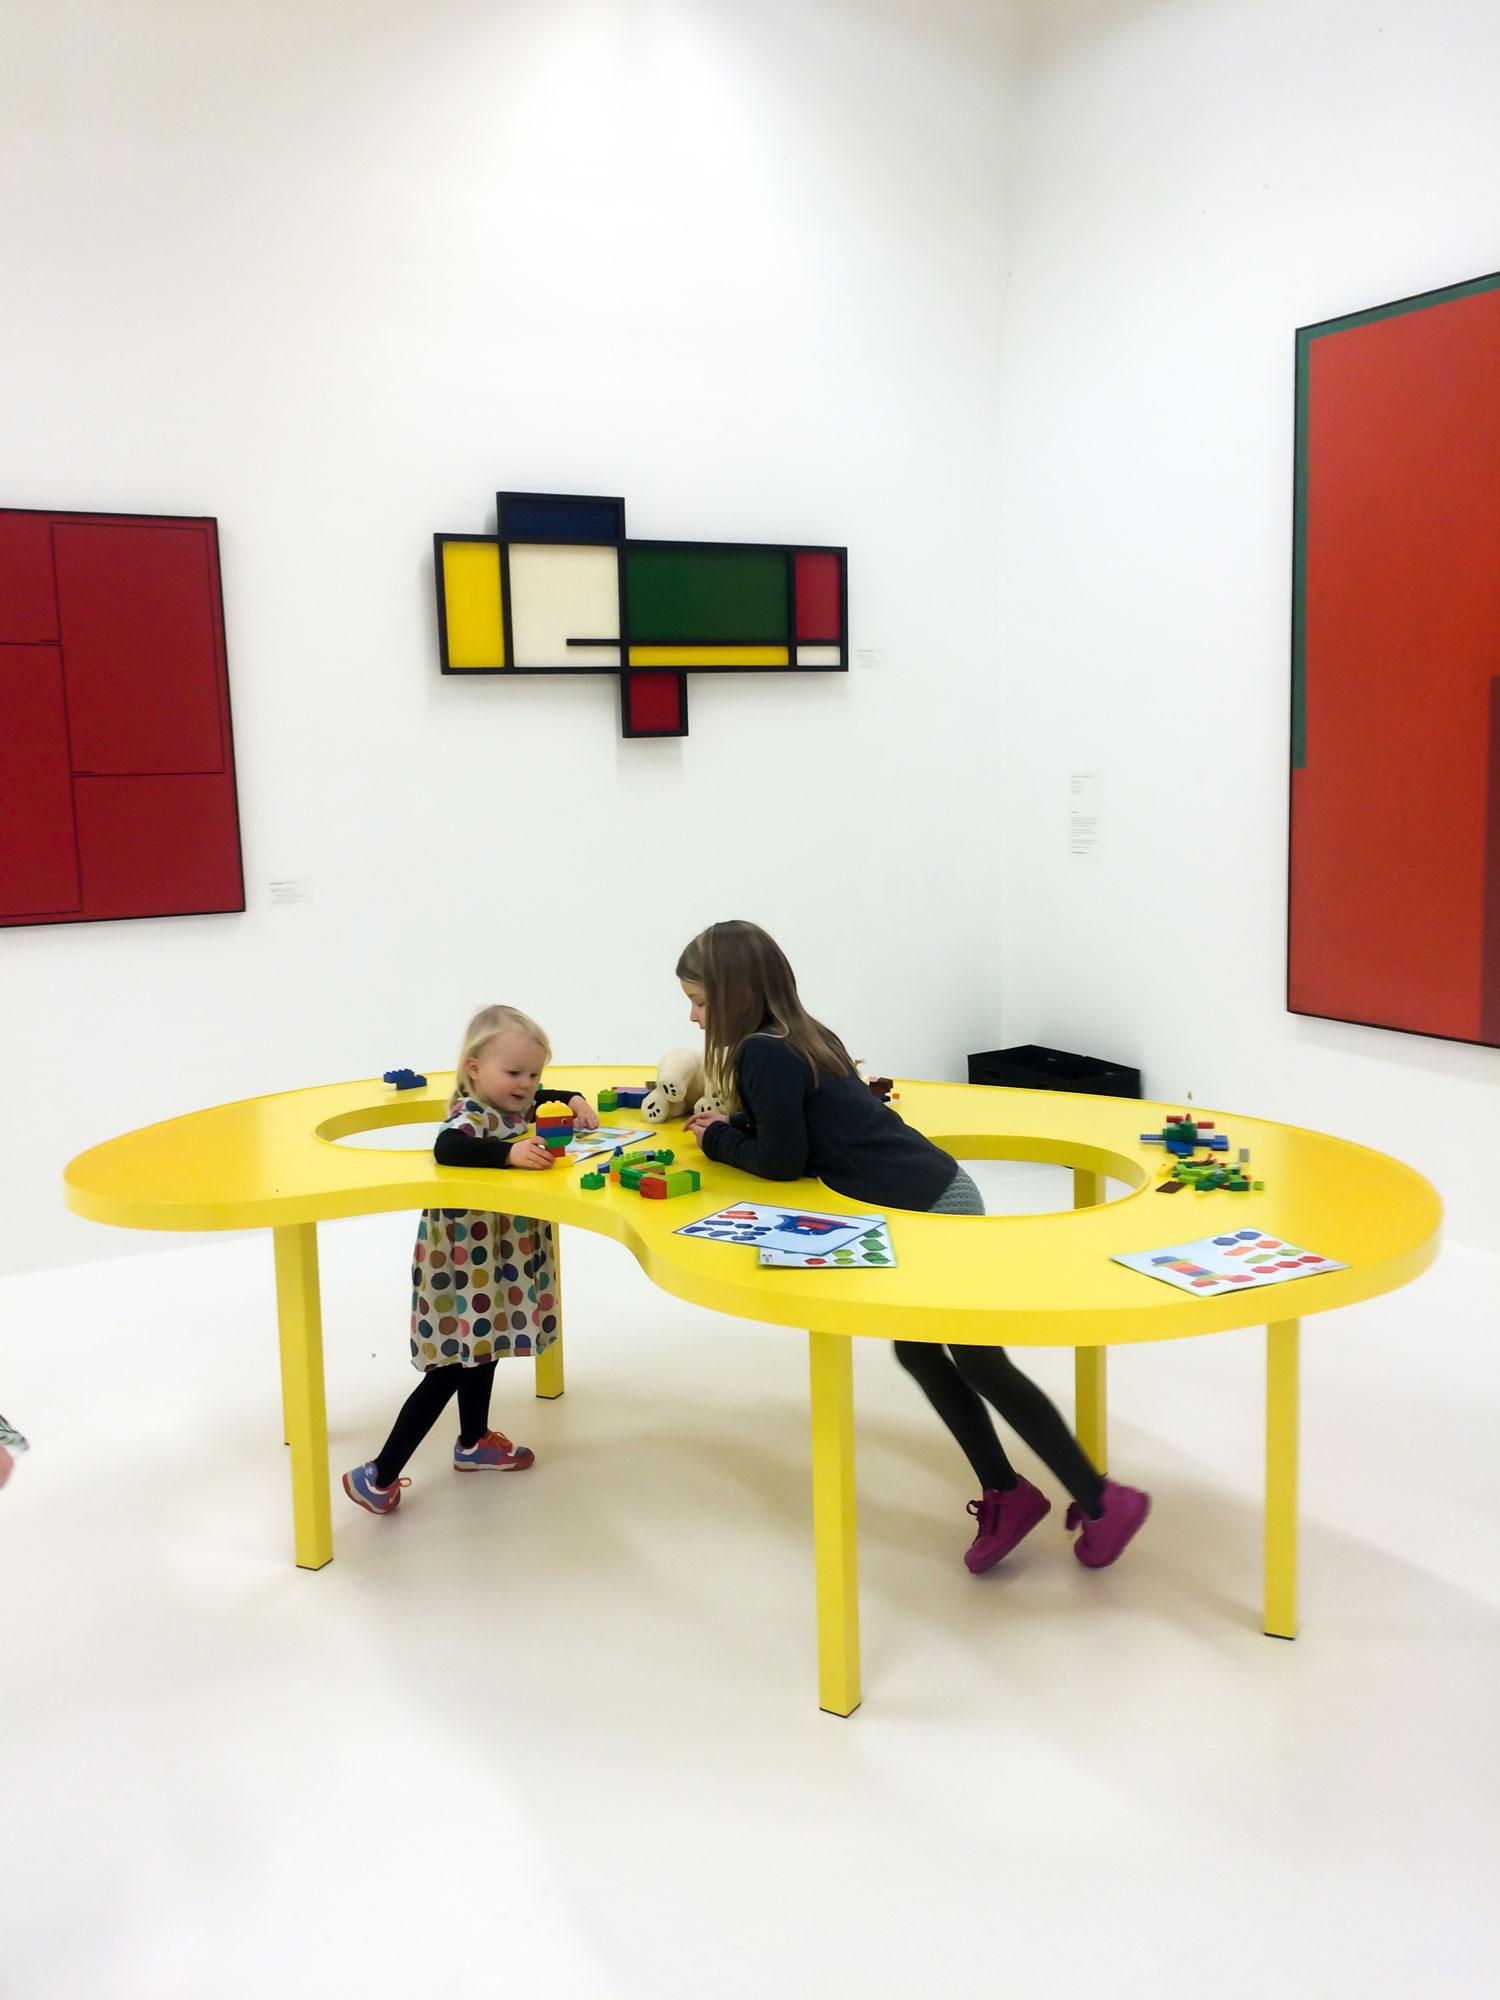 Idealer Esbjerg kunstmuseum børn leger Rune Fjord Studio